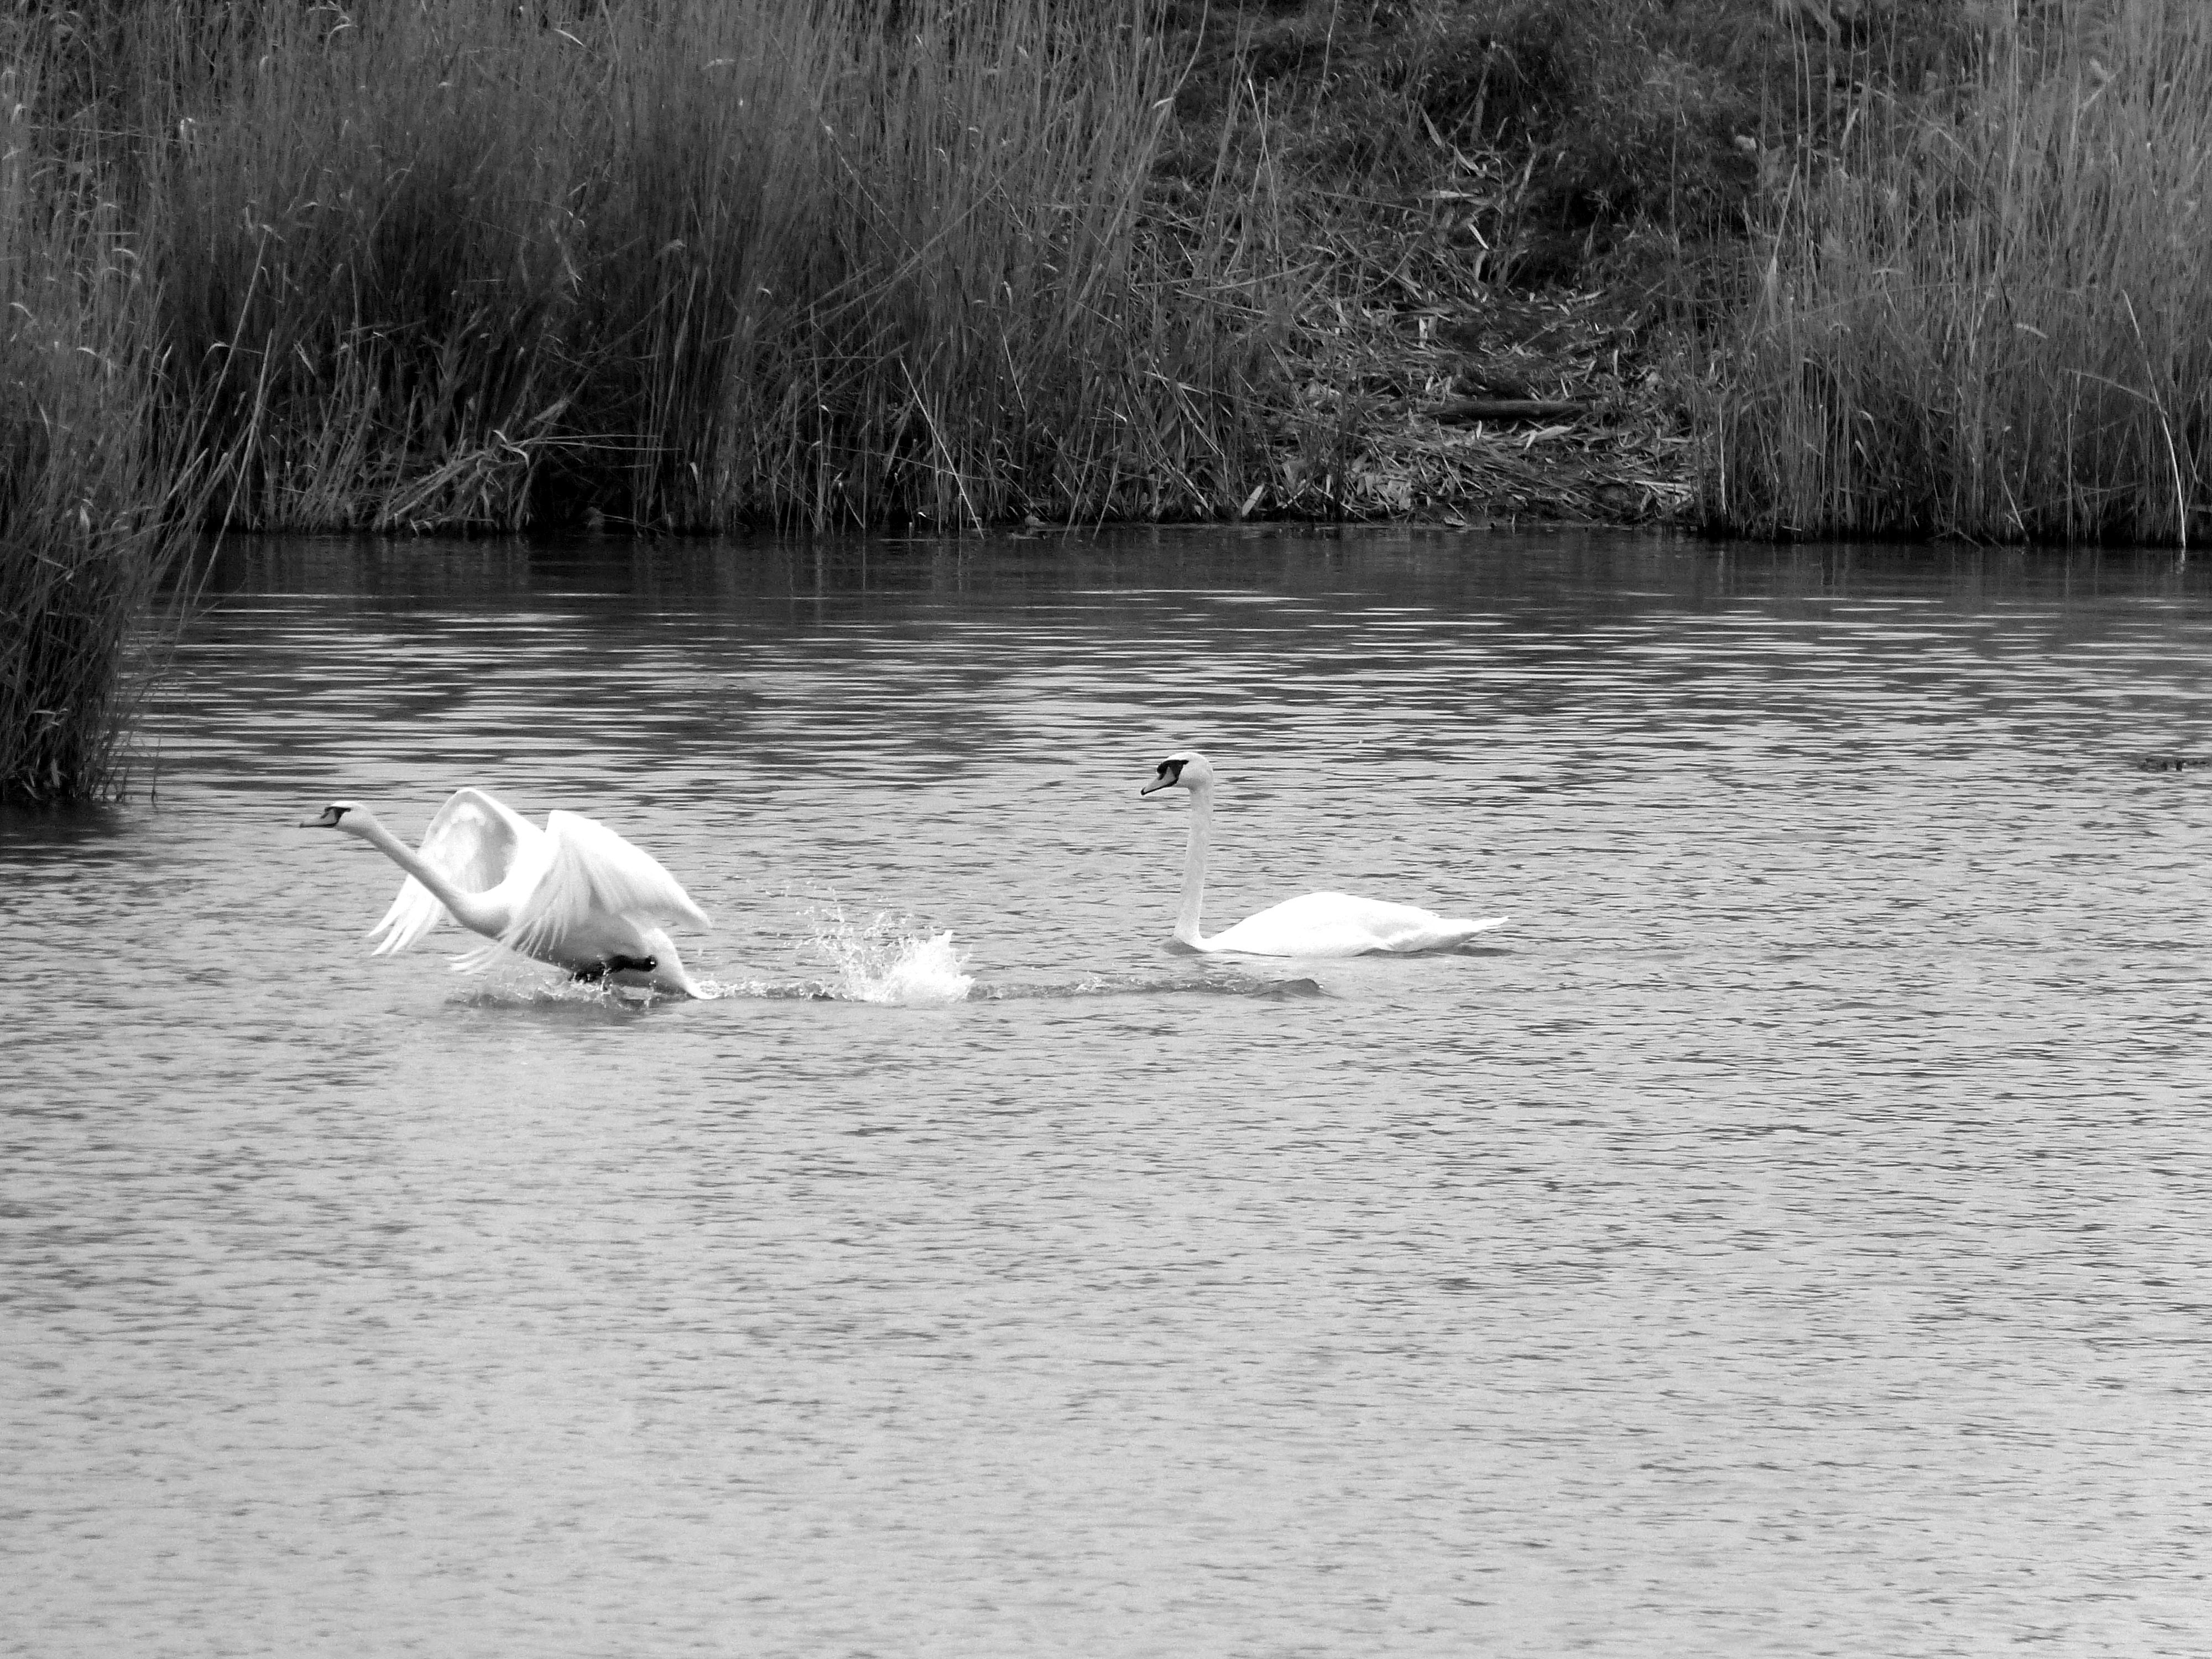 Появились лебеди. Впервые после Гоши